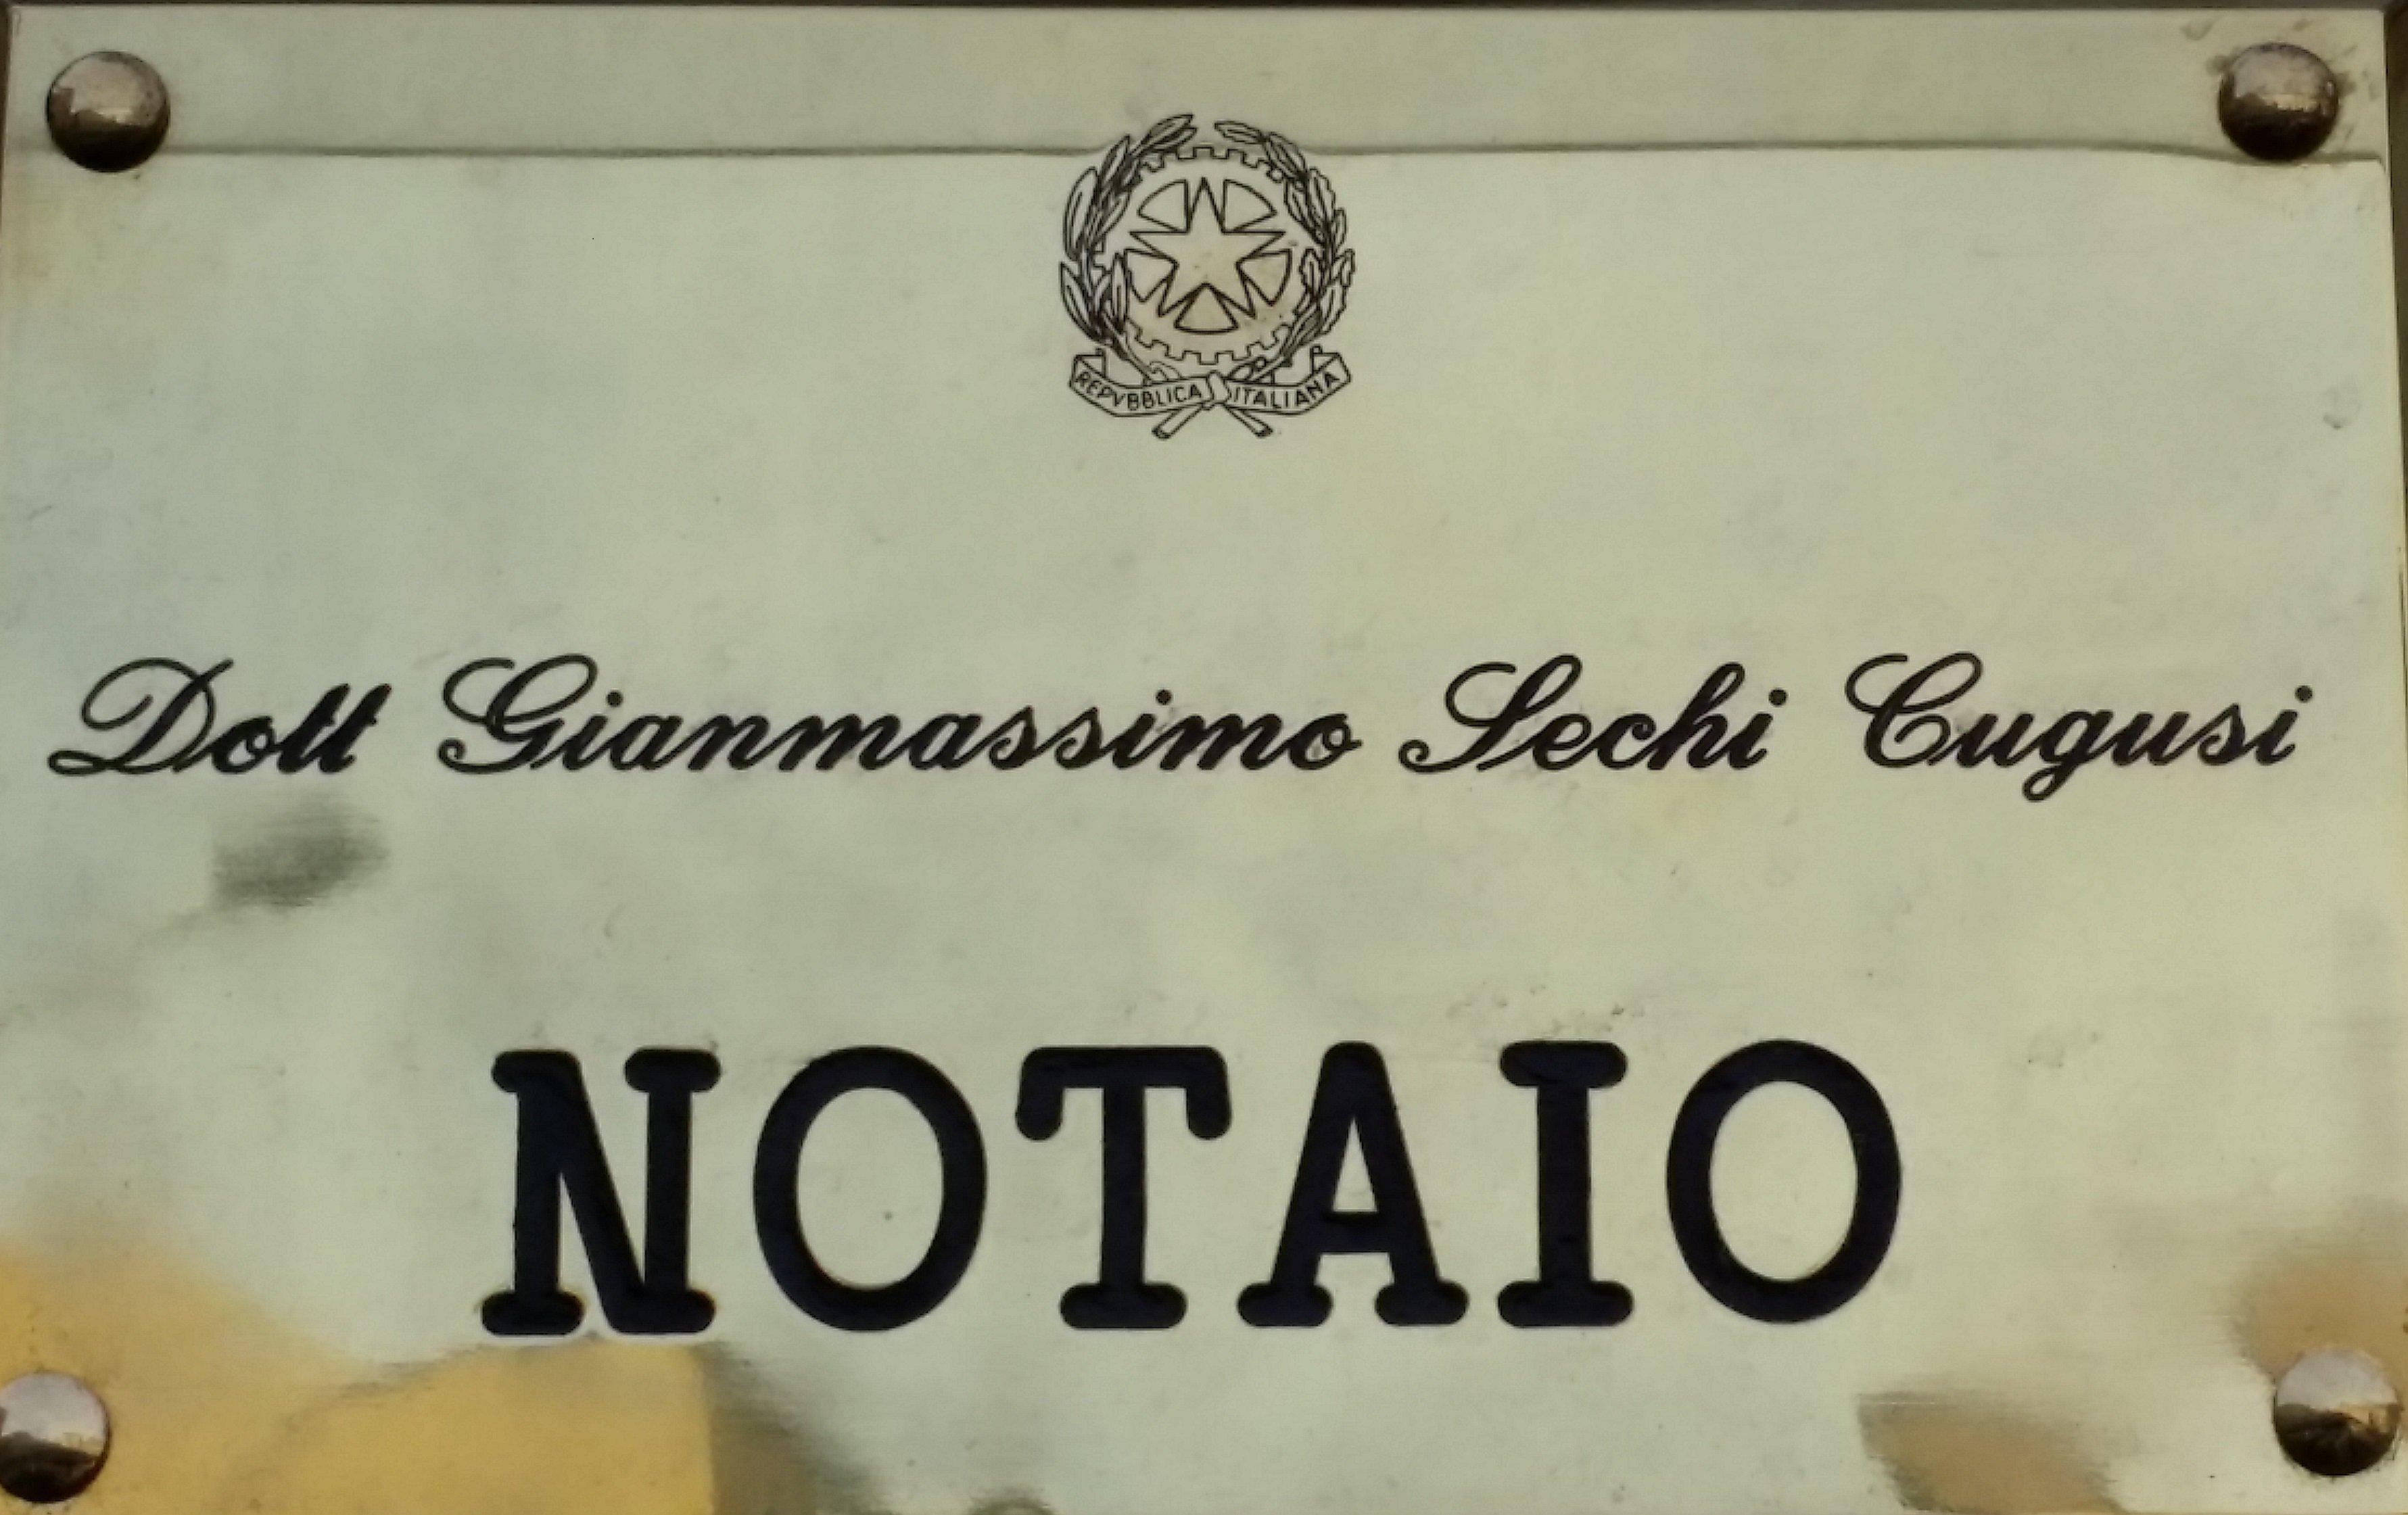 Notaio Sechi